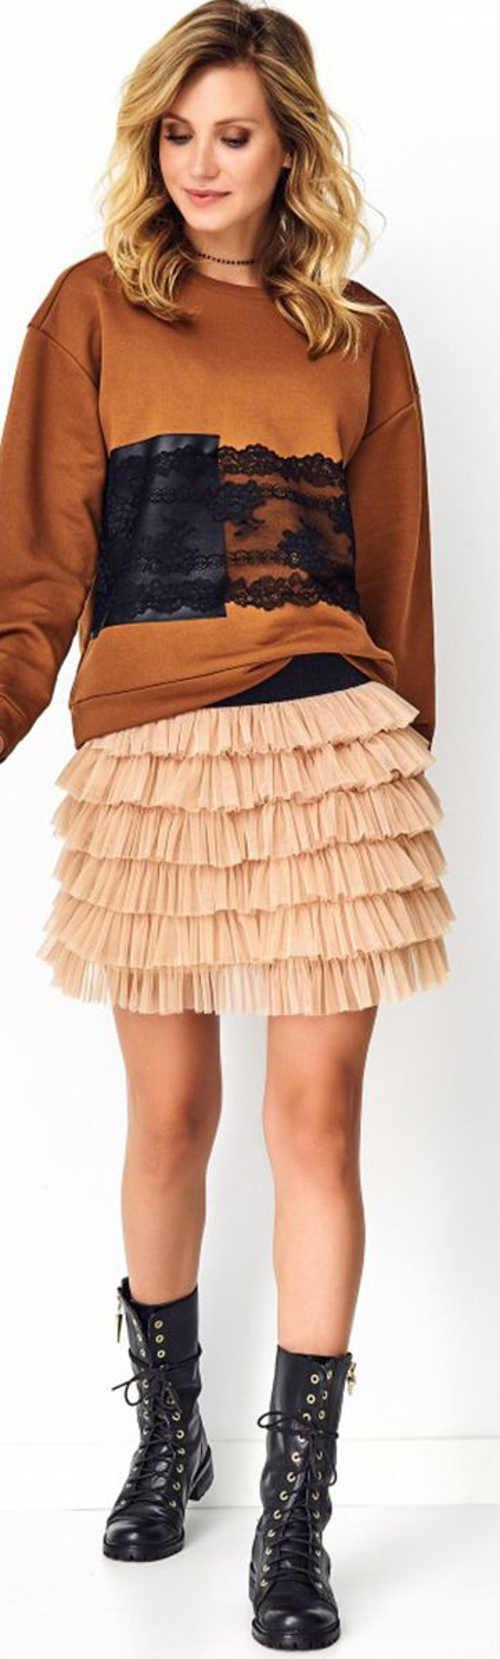 Béžová dámská tylová TUTU sukně